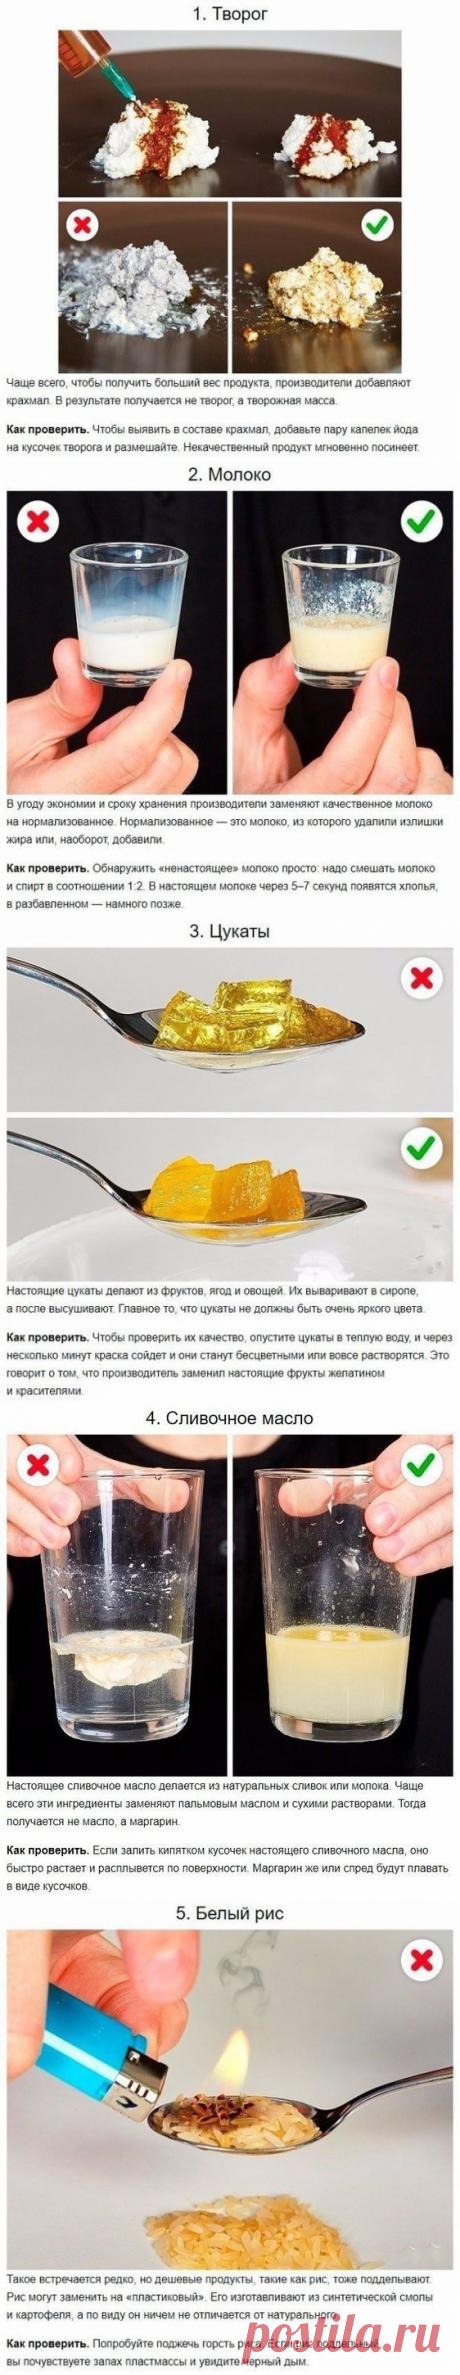 Kaк отличить качественную еду от вредной для здоровья? Смотреть дальше...